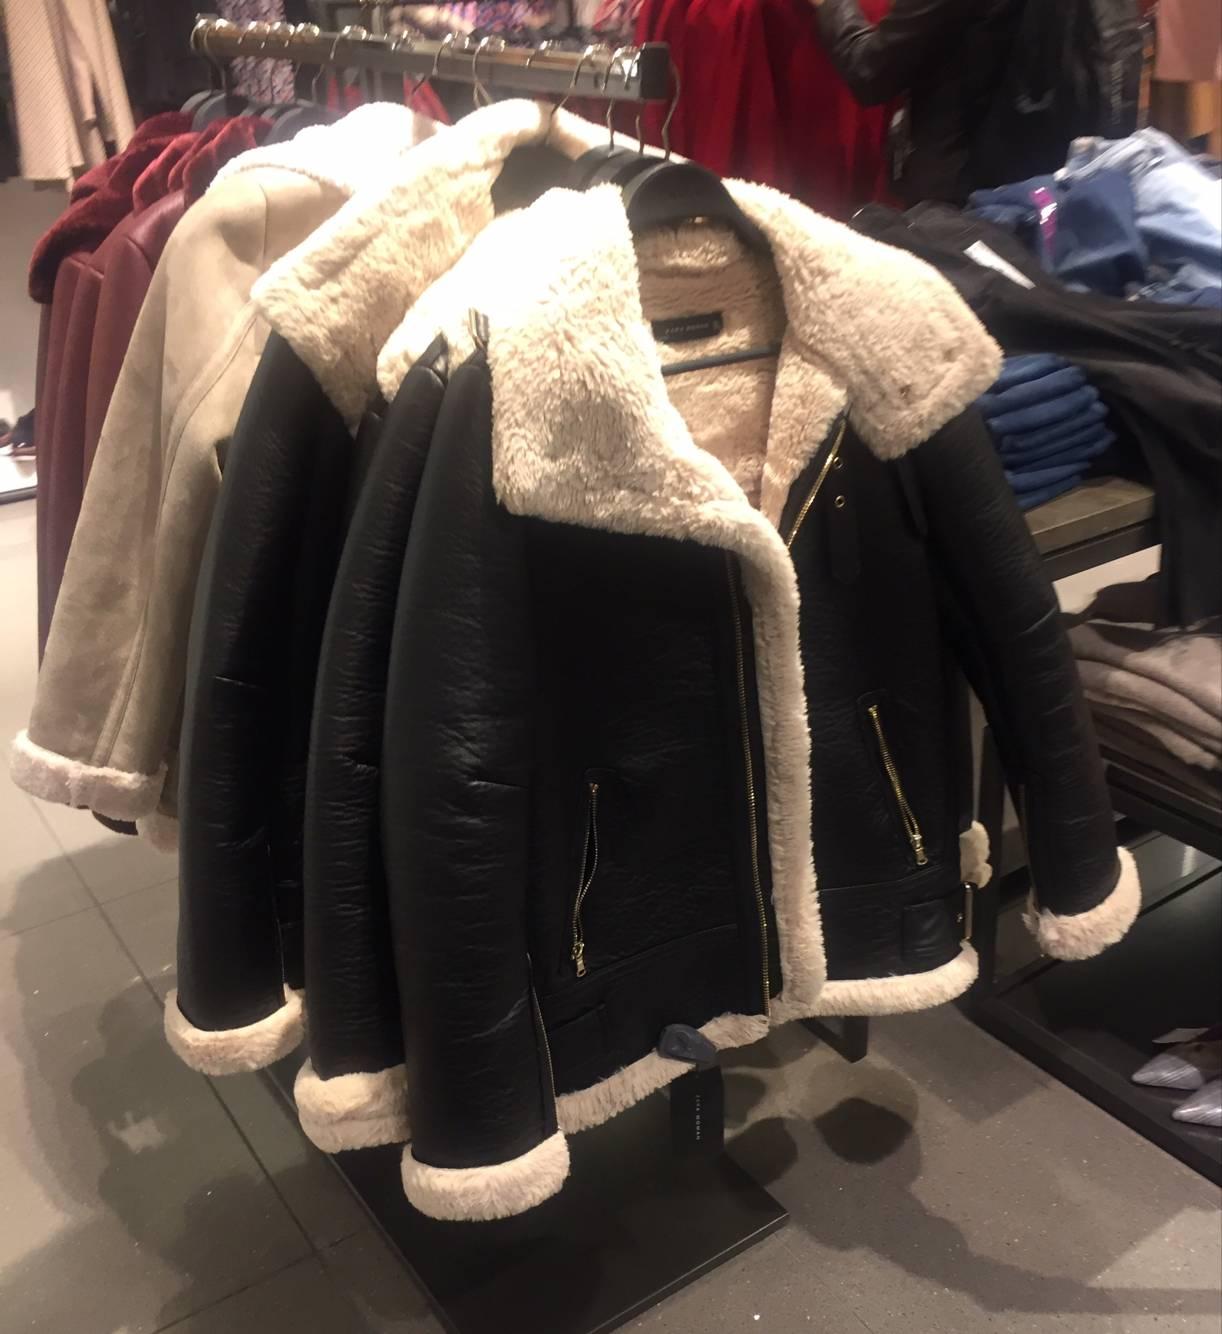 2017冬季新款羊羔毛复合外套女韩版宽松短款机车保暖夹克2969/241,可领取元淘宝优惠券